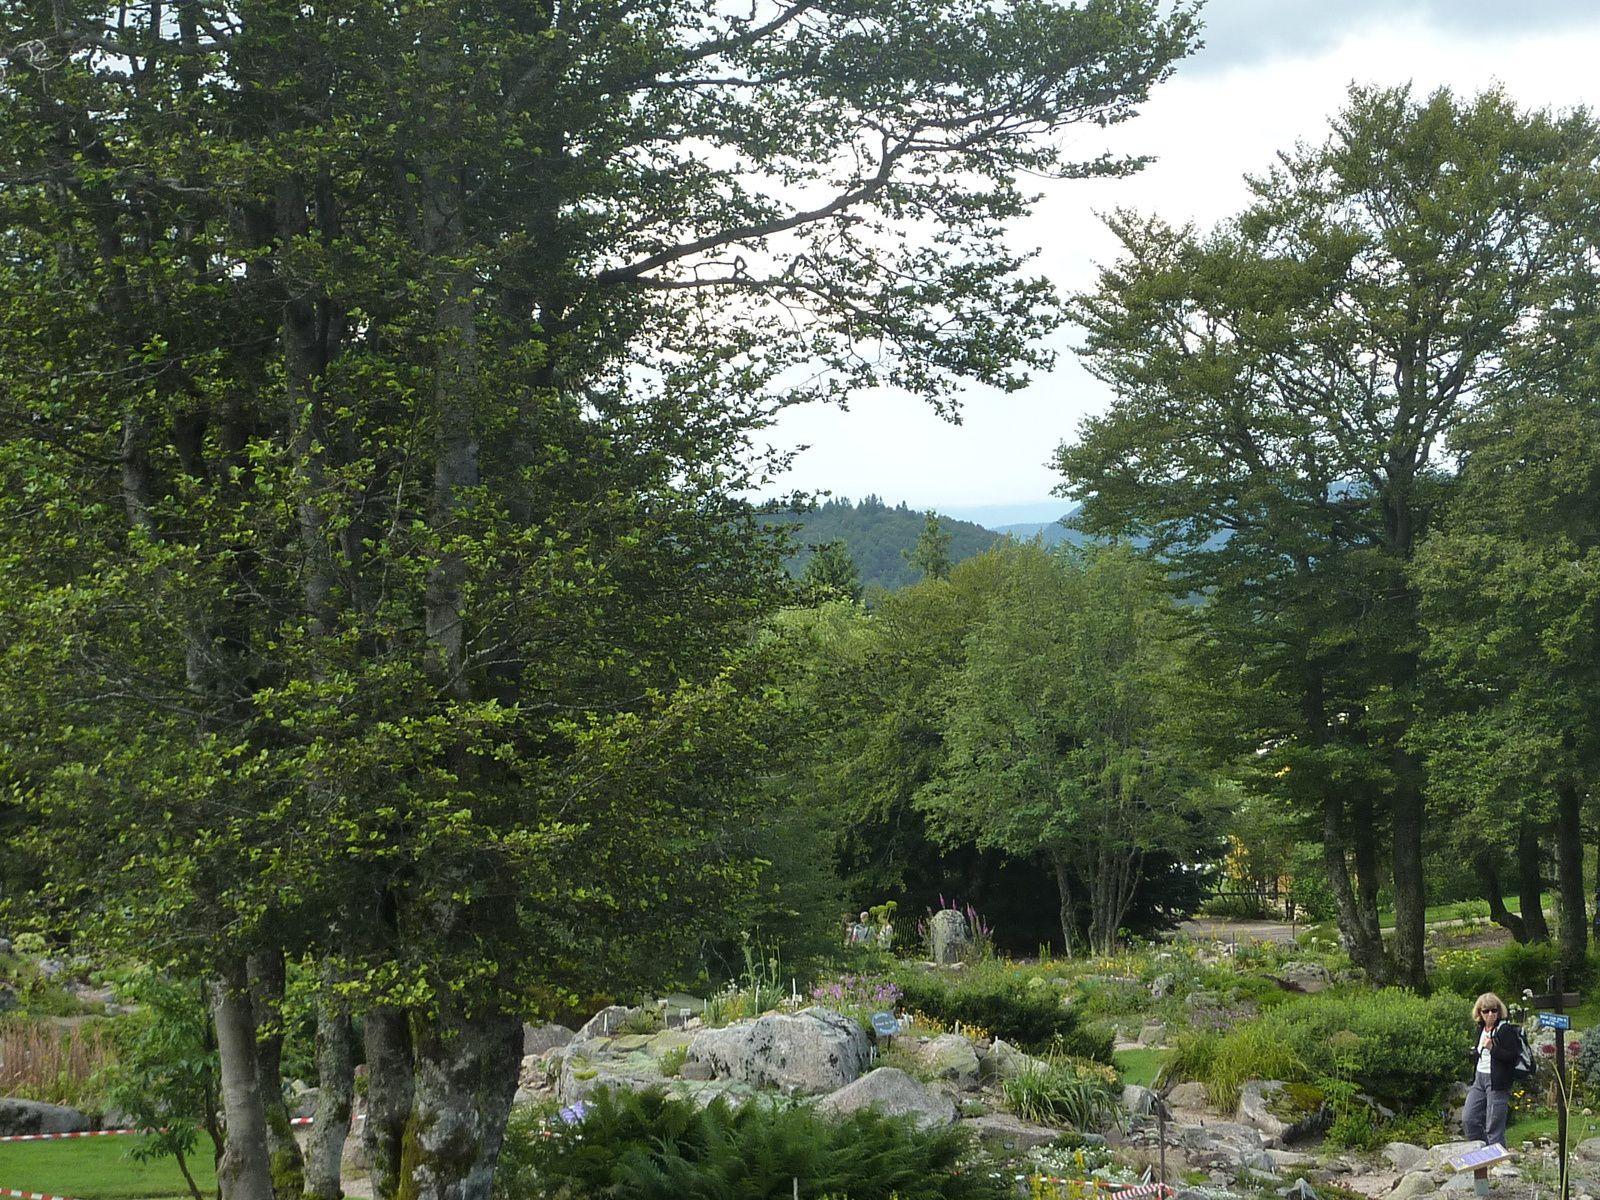 D couverte du jardin du haut chitelet le blog de writings2 for Jardin oriente est